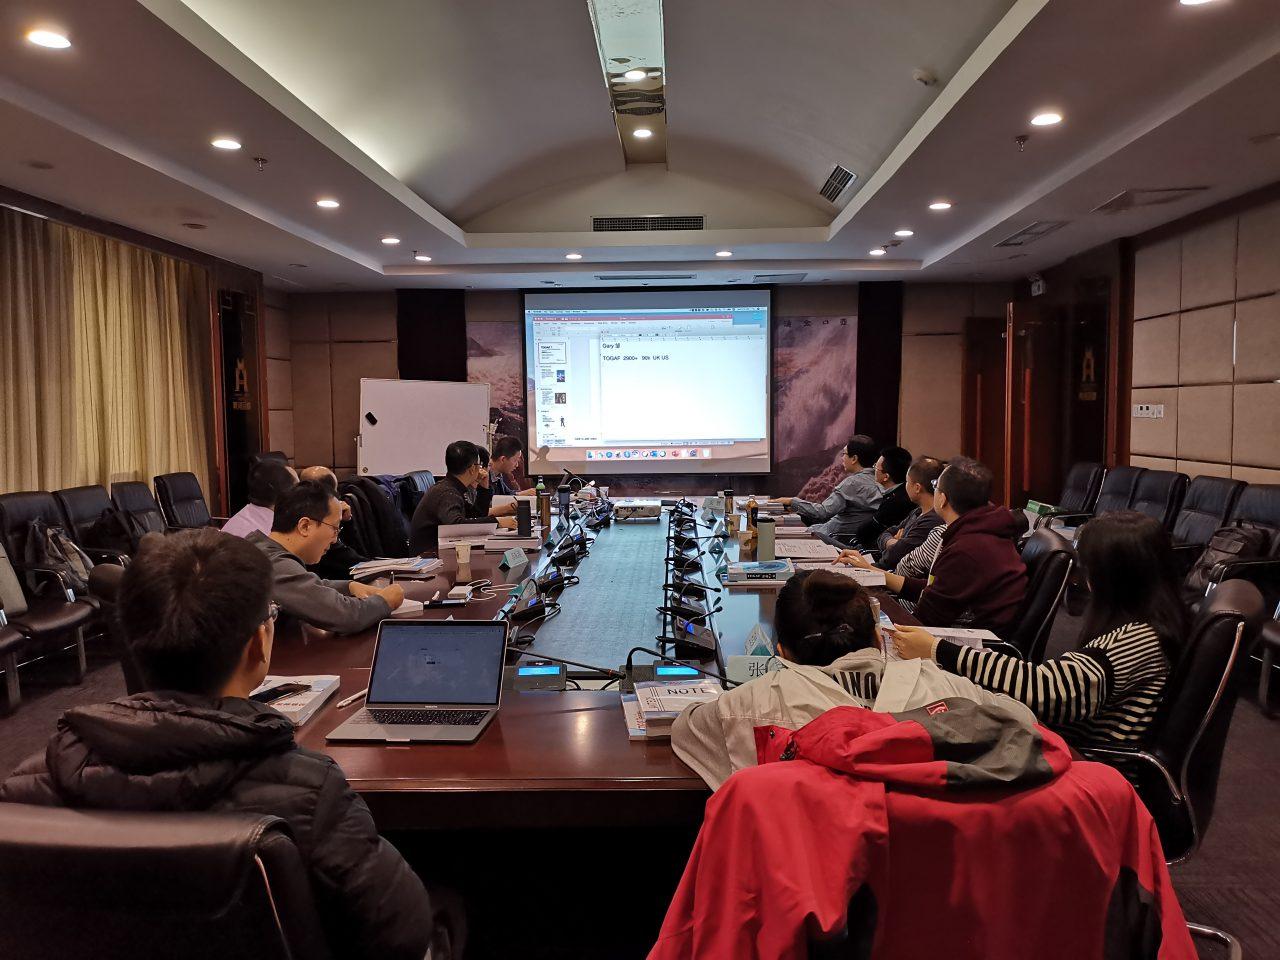 第43期Togaf认证培训班·北京班11.23日正式开课 -- 第1张